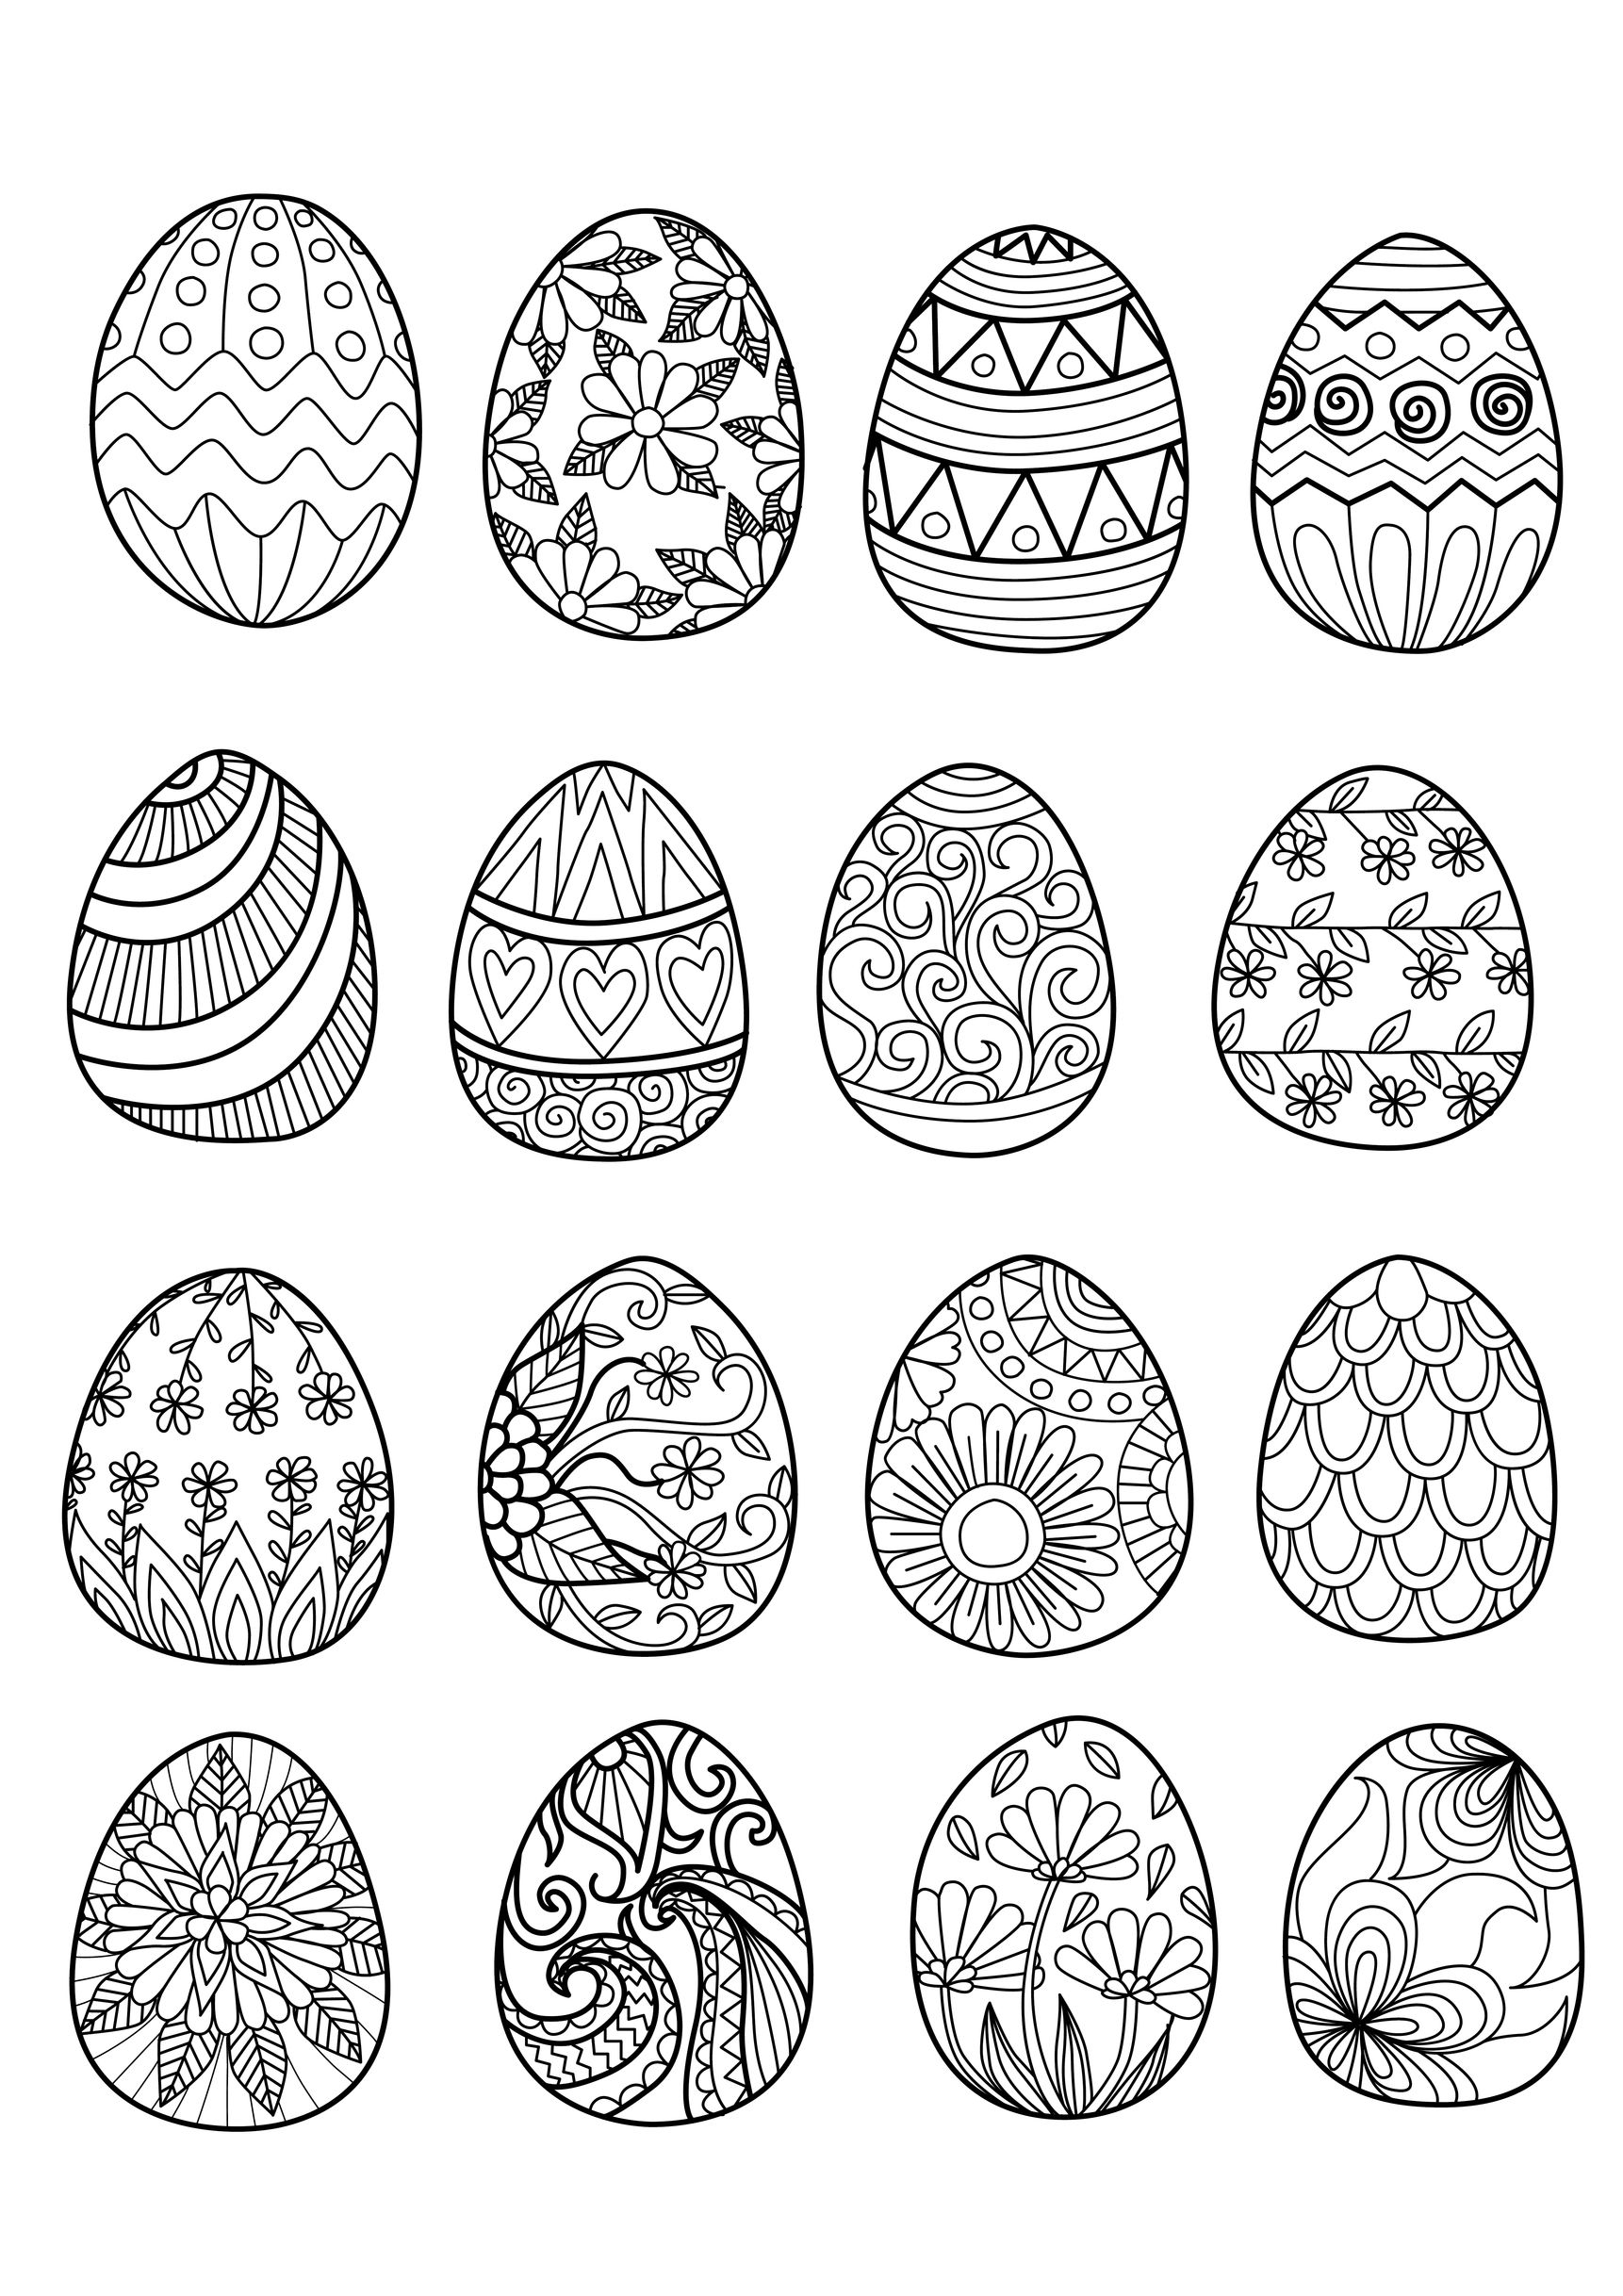 16 oeufs de Pâques - Coloriage de Pâques (Oeufs de Pâques, Lapins, Cloches...) - Coloriages pour ...